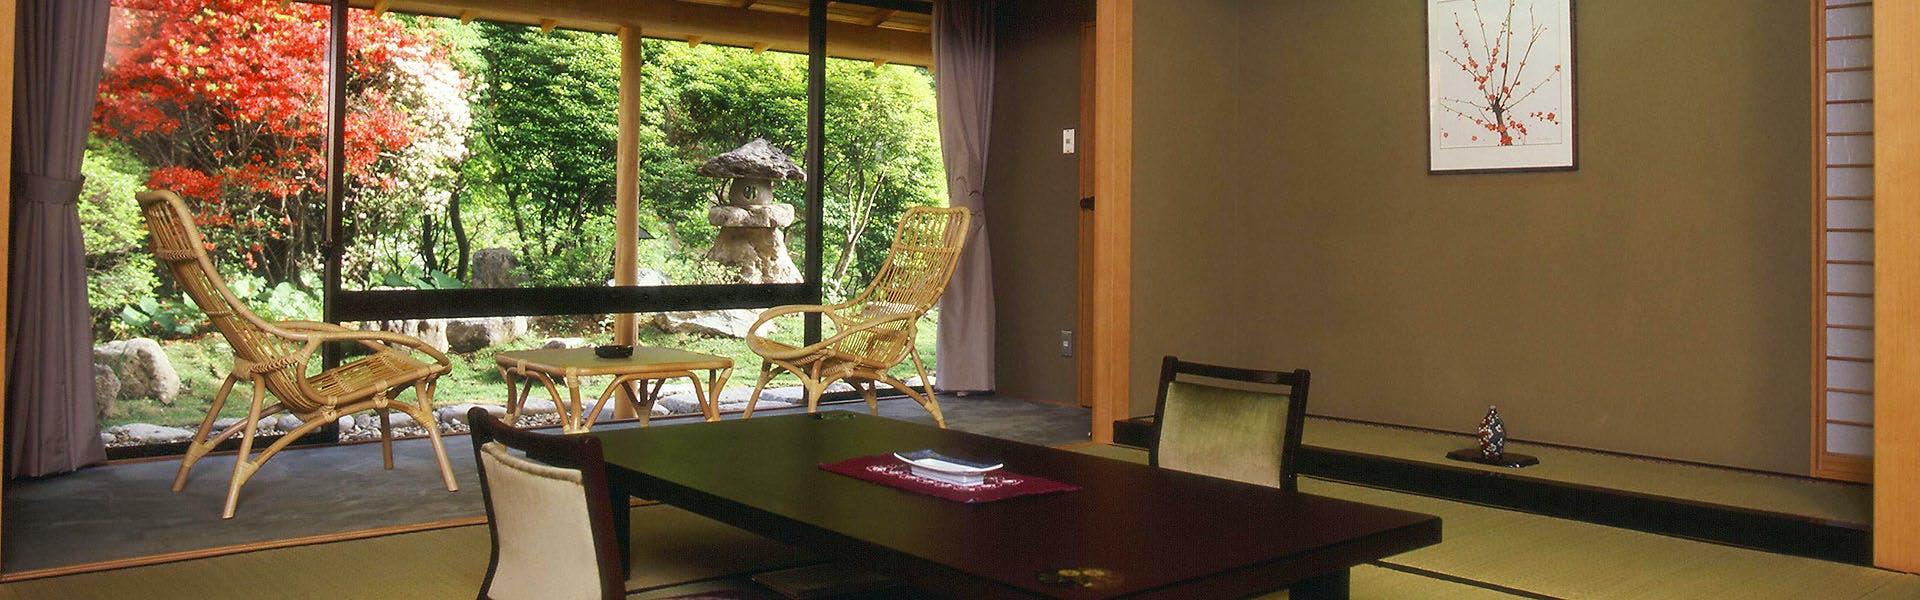 記念日におすすめのホテル・つなぎ温泉 四季亭の写真1